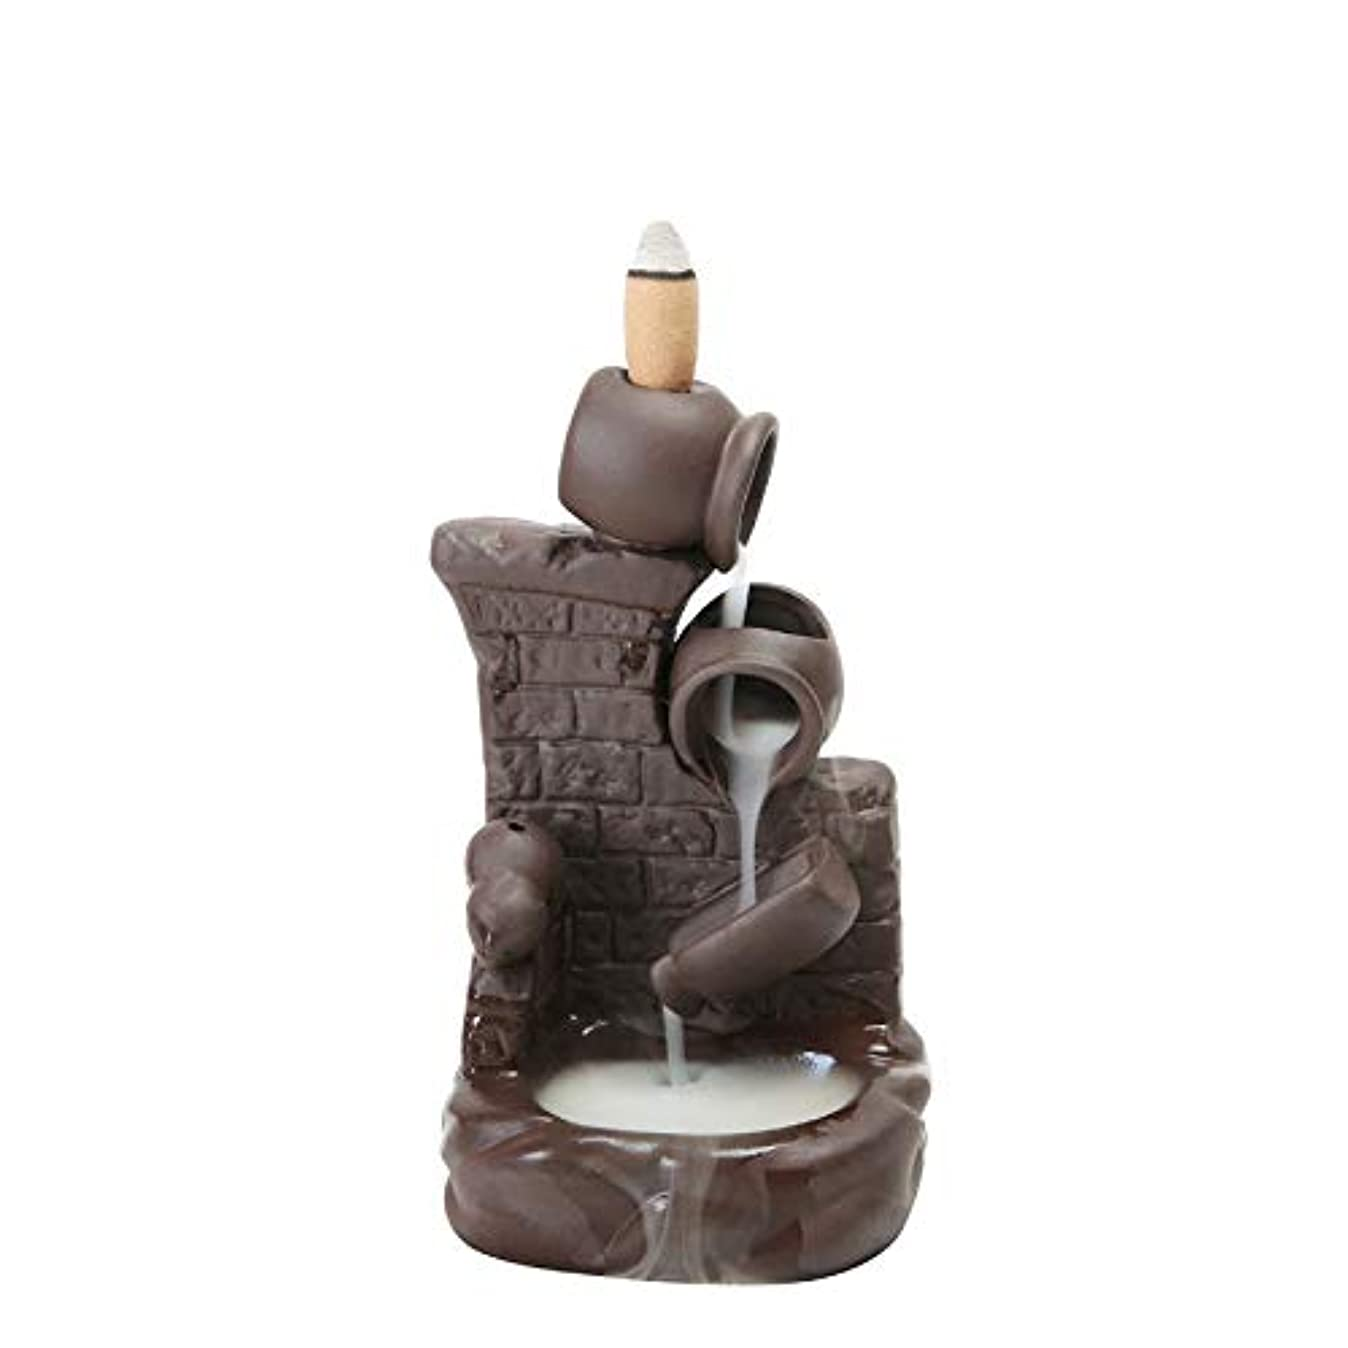 不適切な表向き食料品店(Style 6) - Gift Pro Ceramic Backflow Incense Tower Burner Statue Figurine Incense Holder Incenses Not Included...